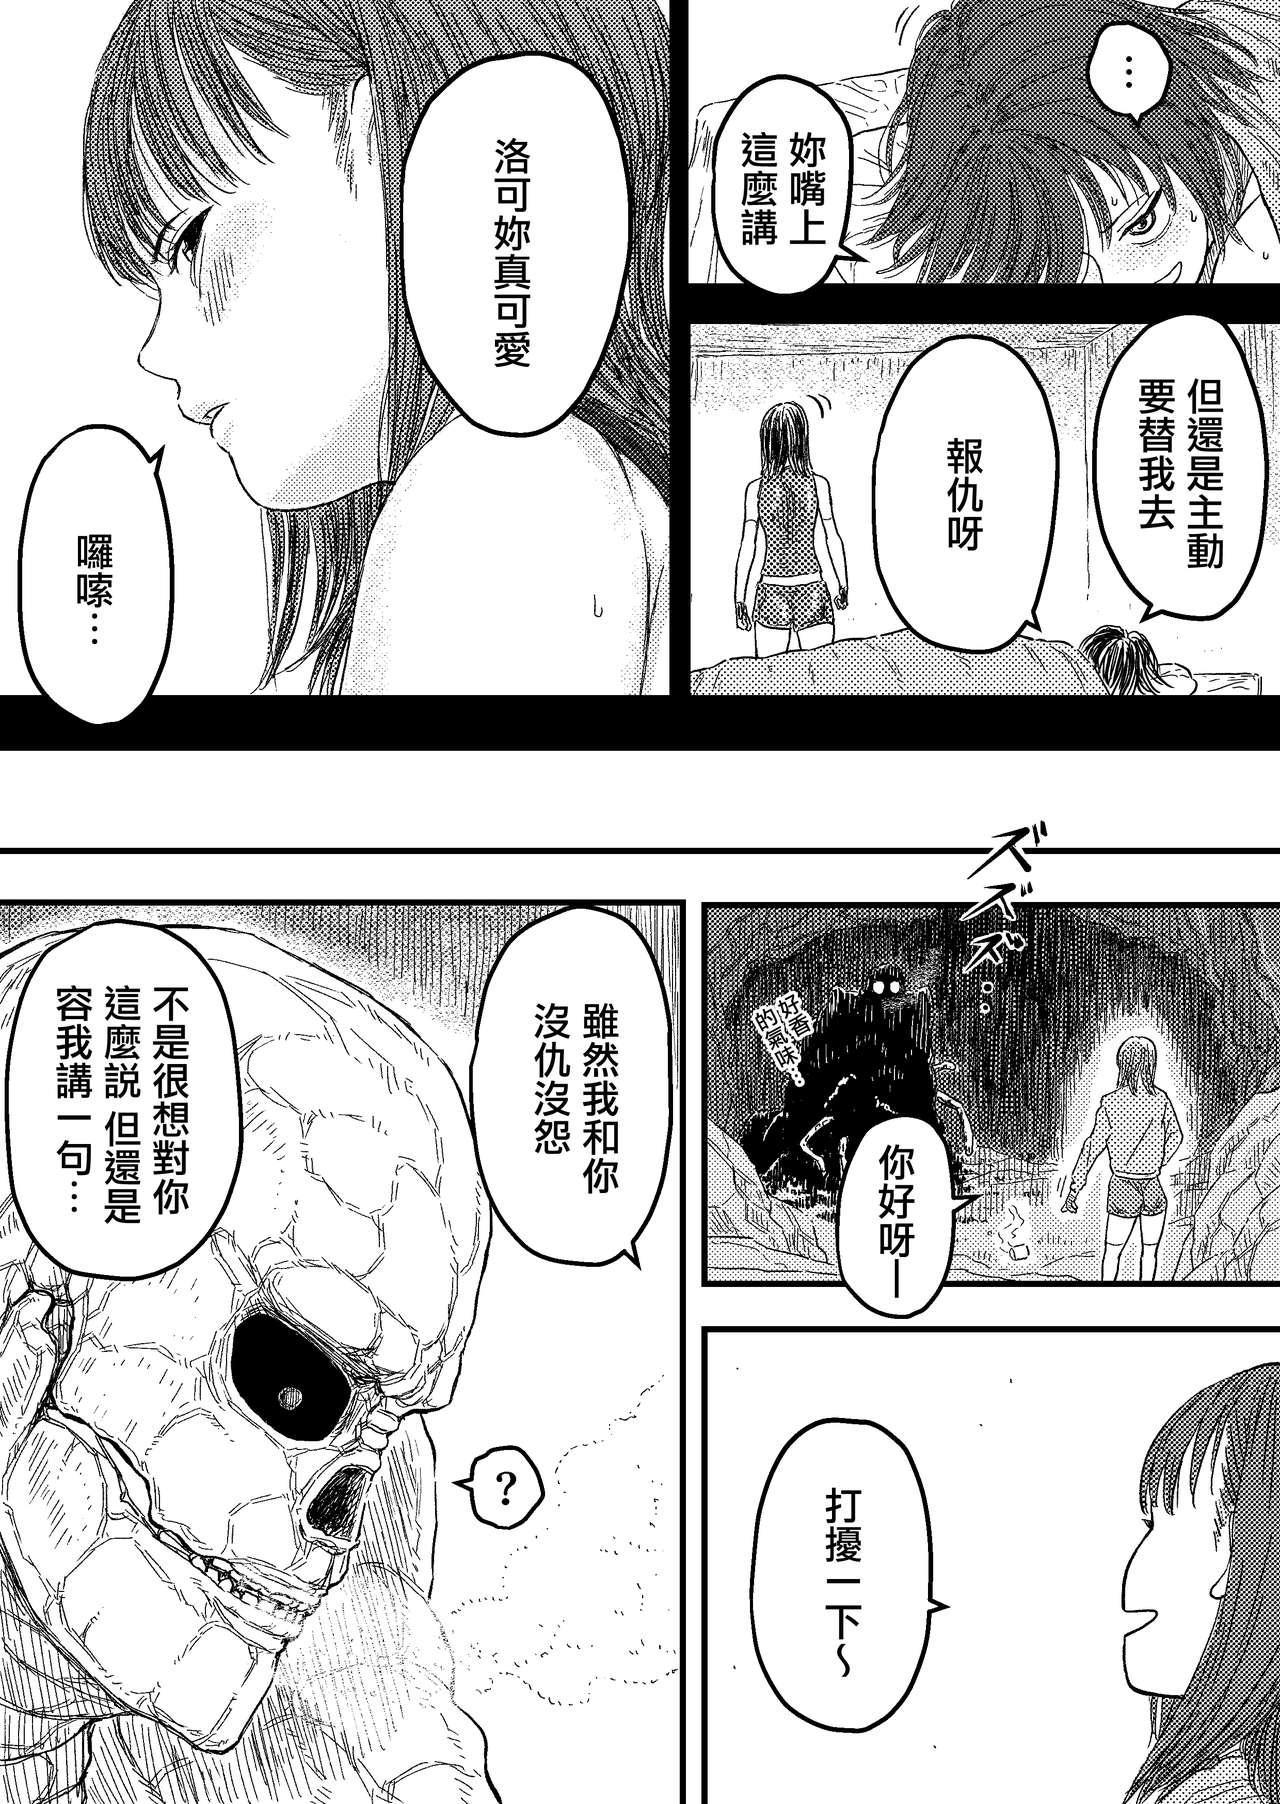 TENTACLE DAY 2BAD 【Saikyou Shokushu ni Yoru Saiaku no Seme ni Modae Kuruu Shoujo no Akumu】 3